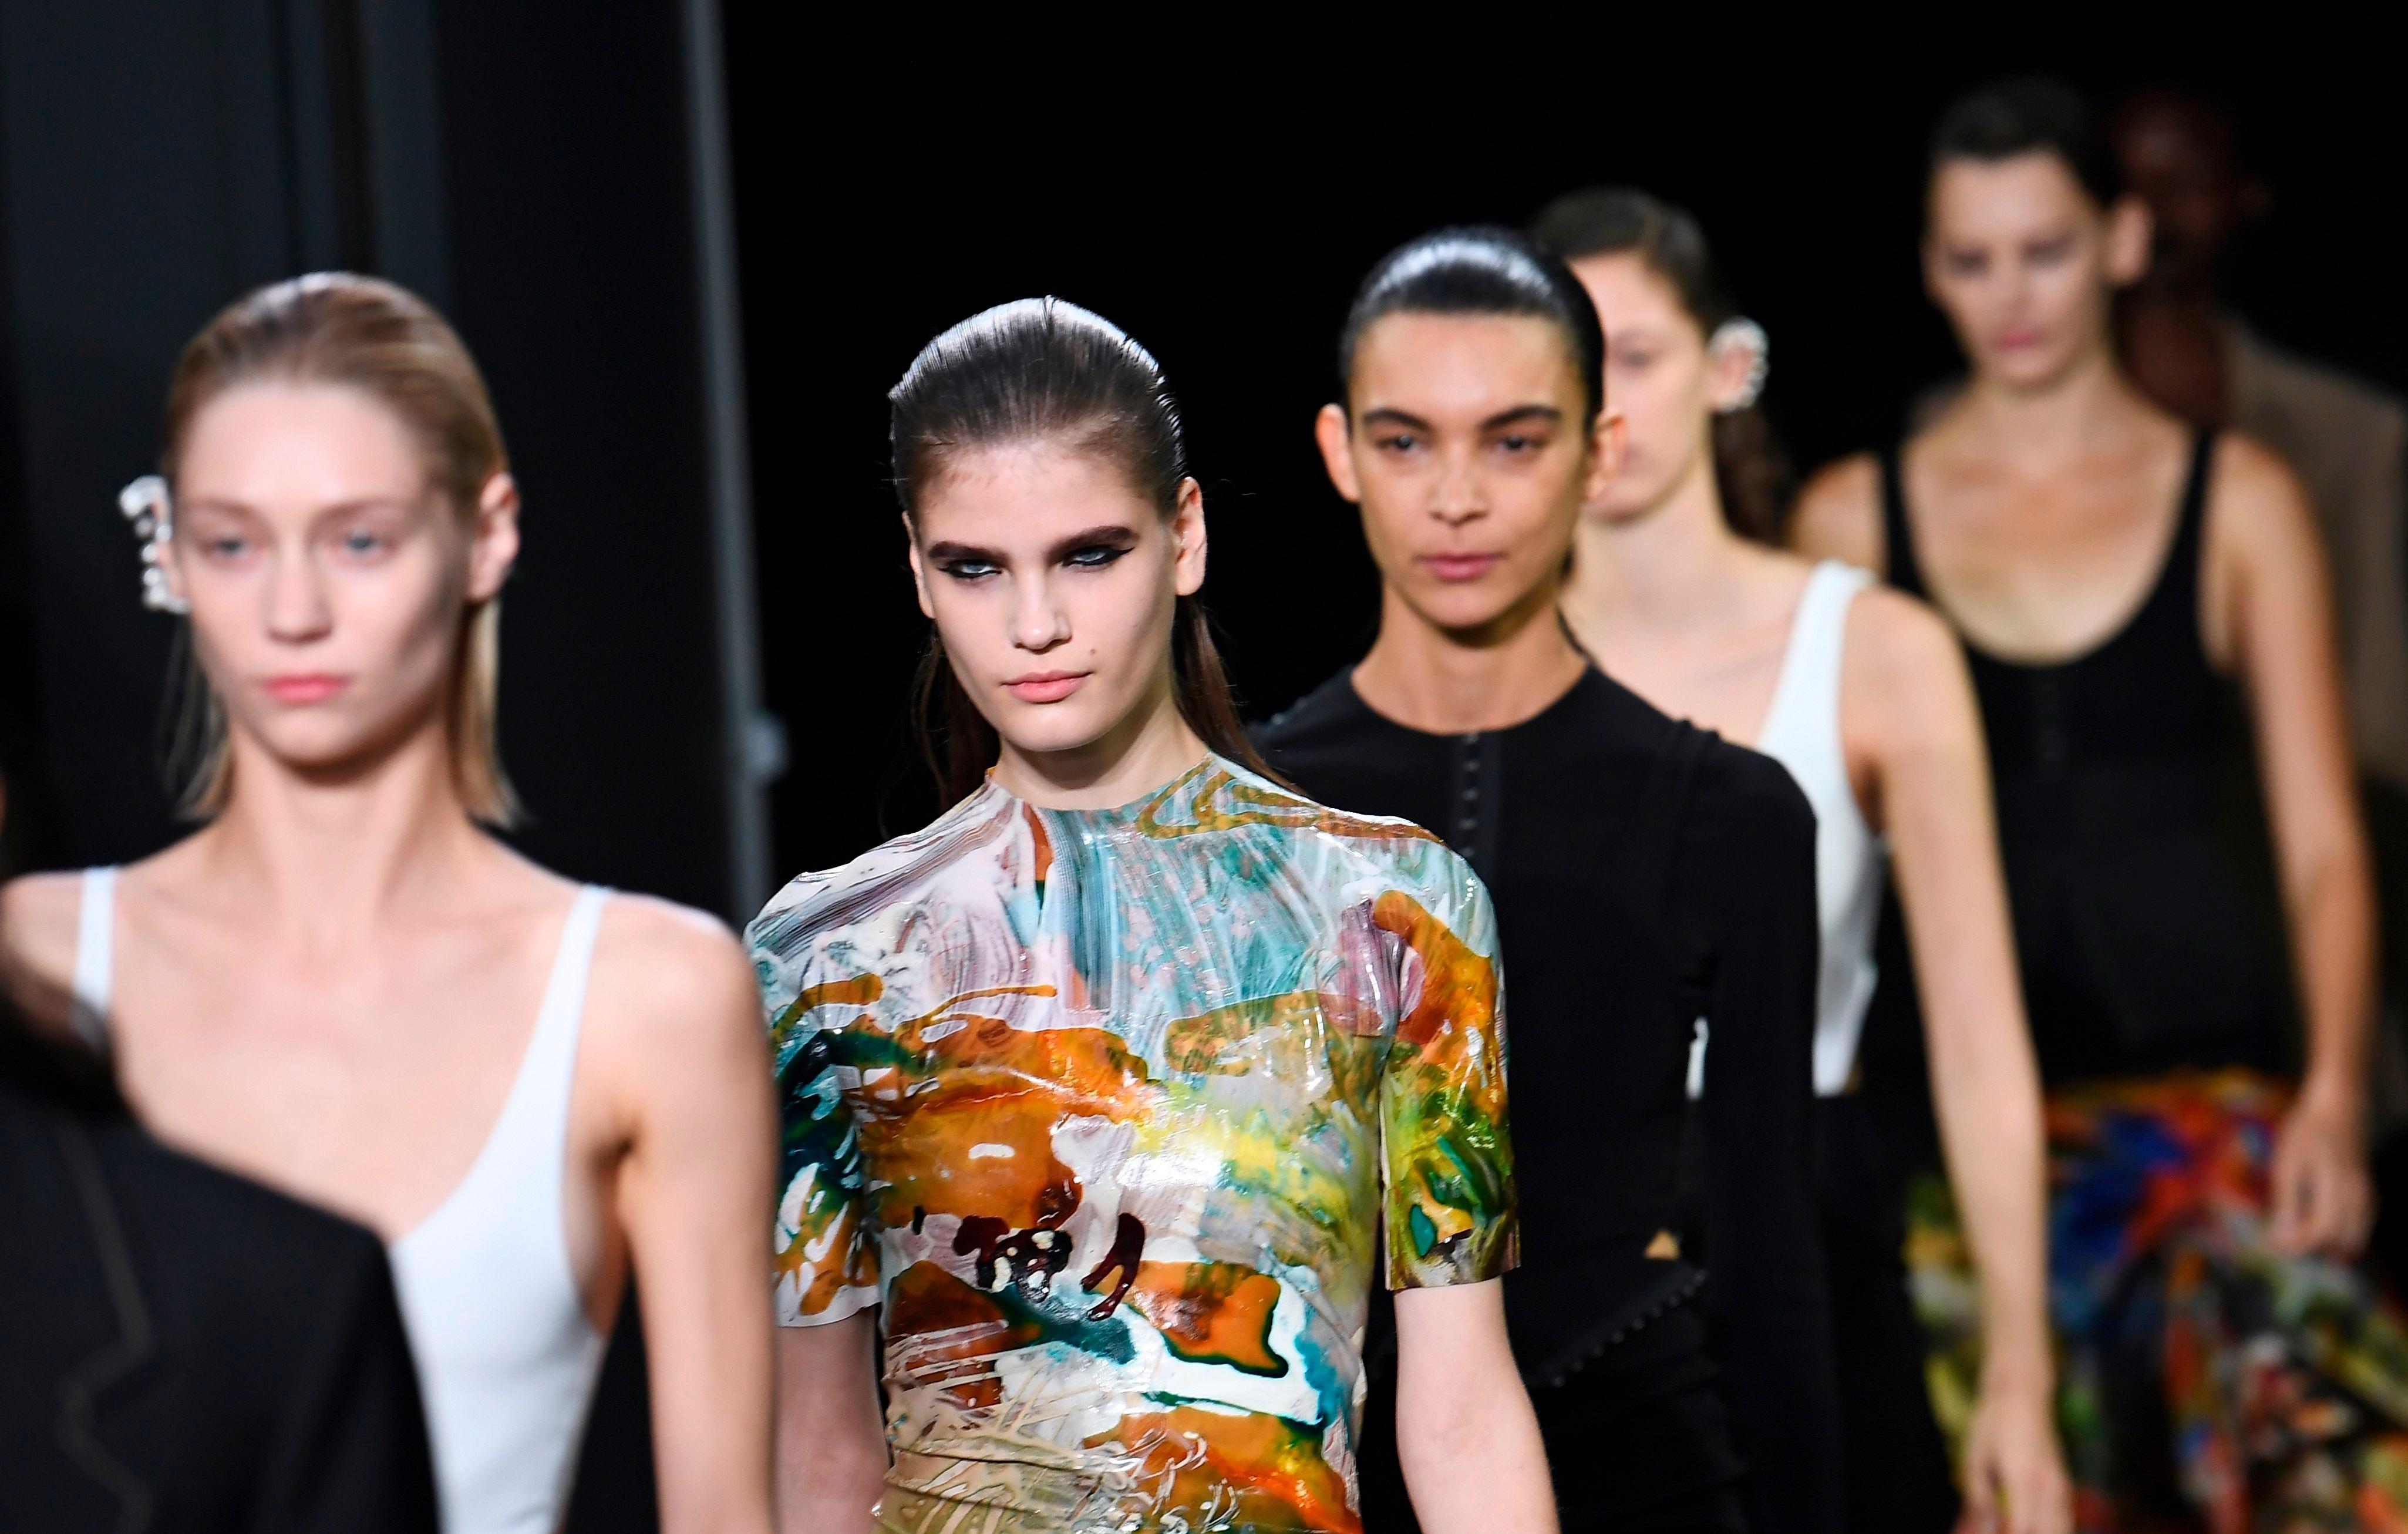 models on the runway at paris fashion week